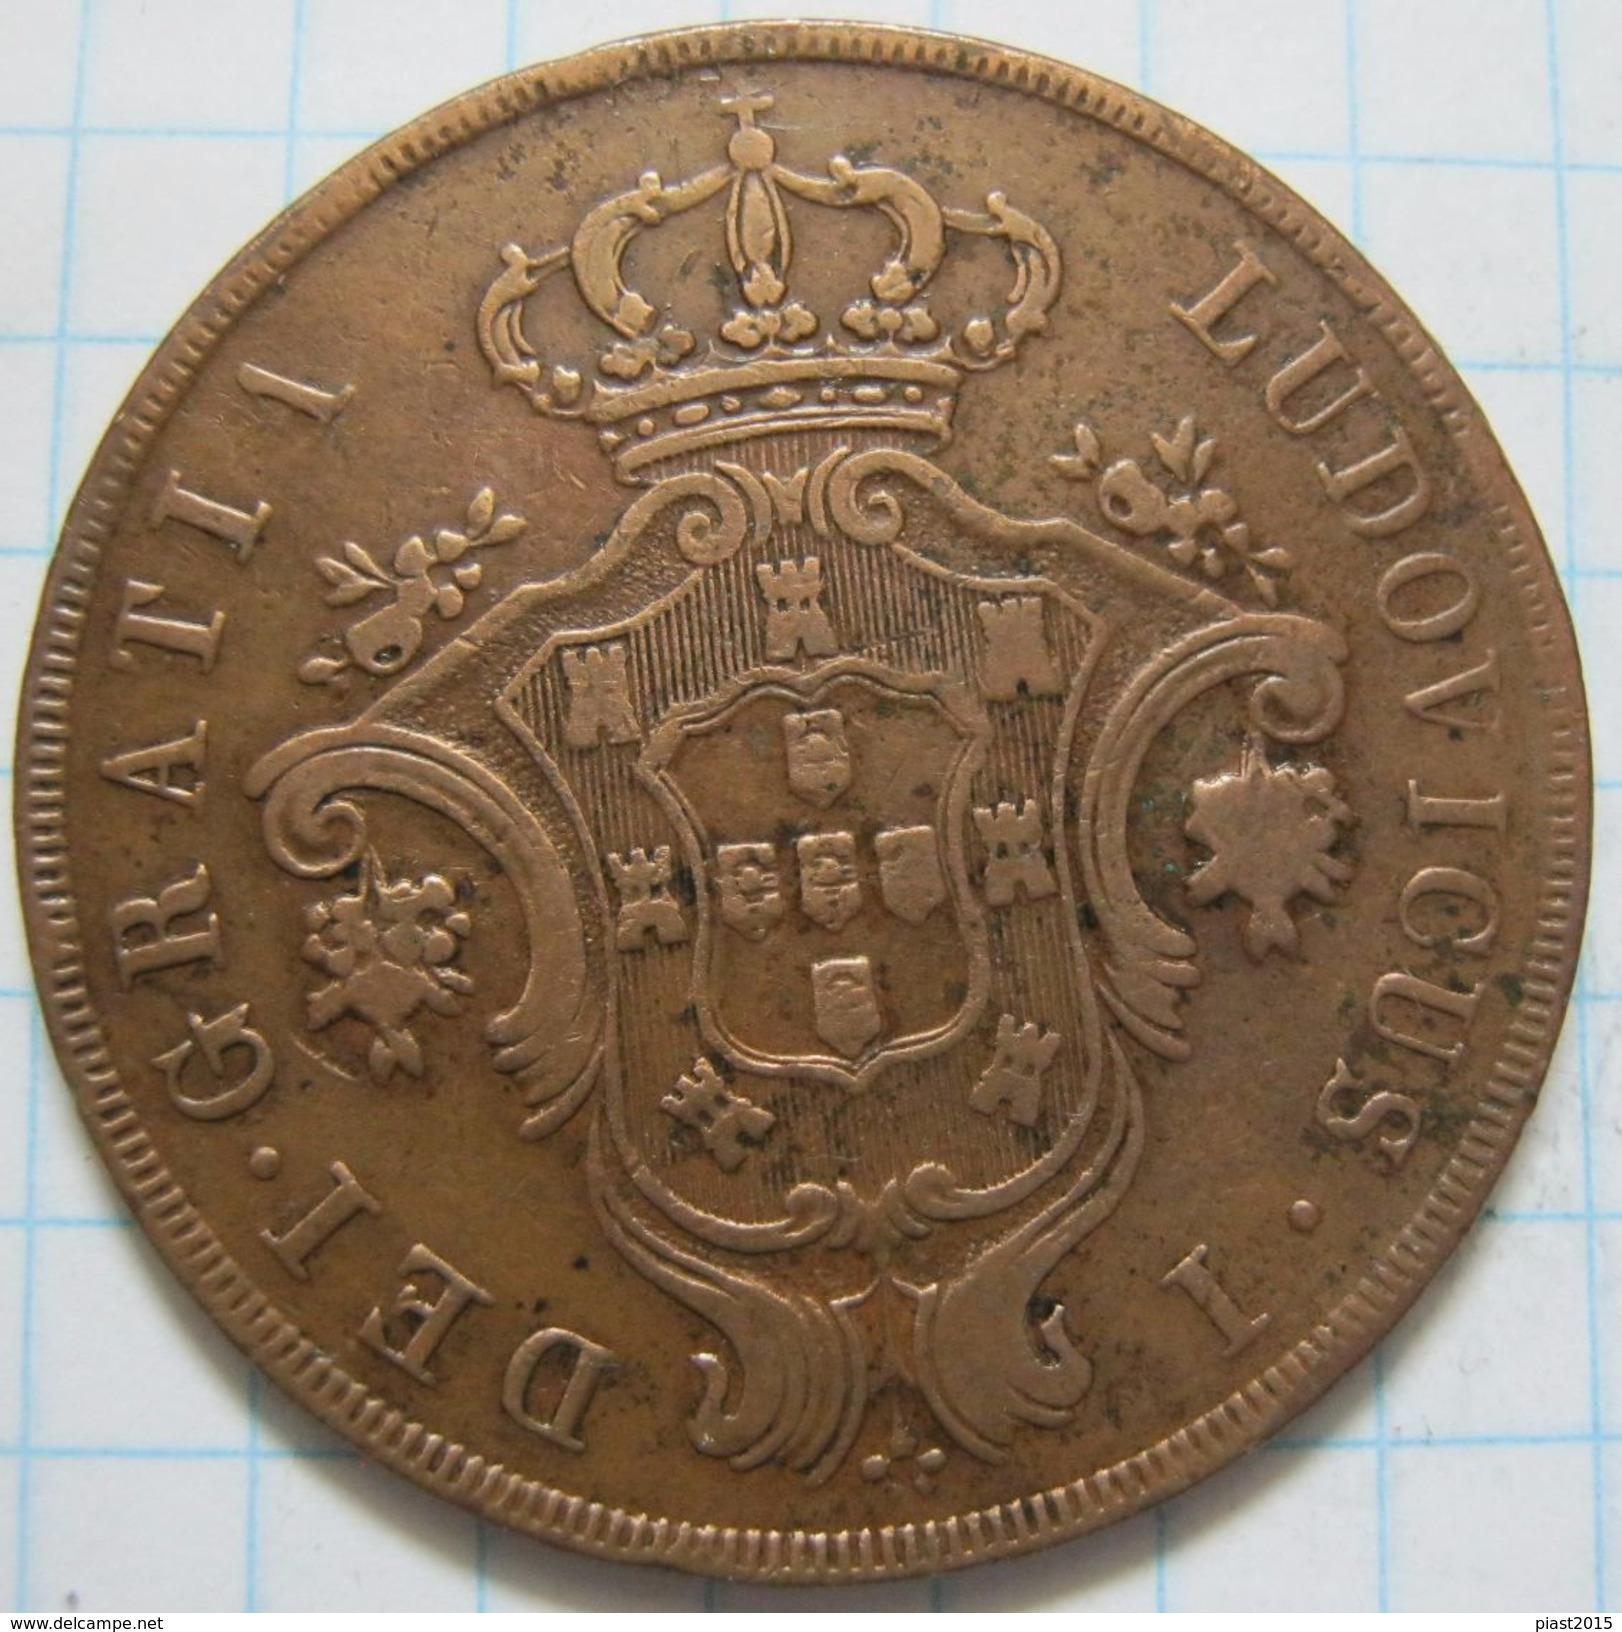 Azores 20 Reis 1866 - Azores